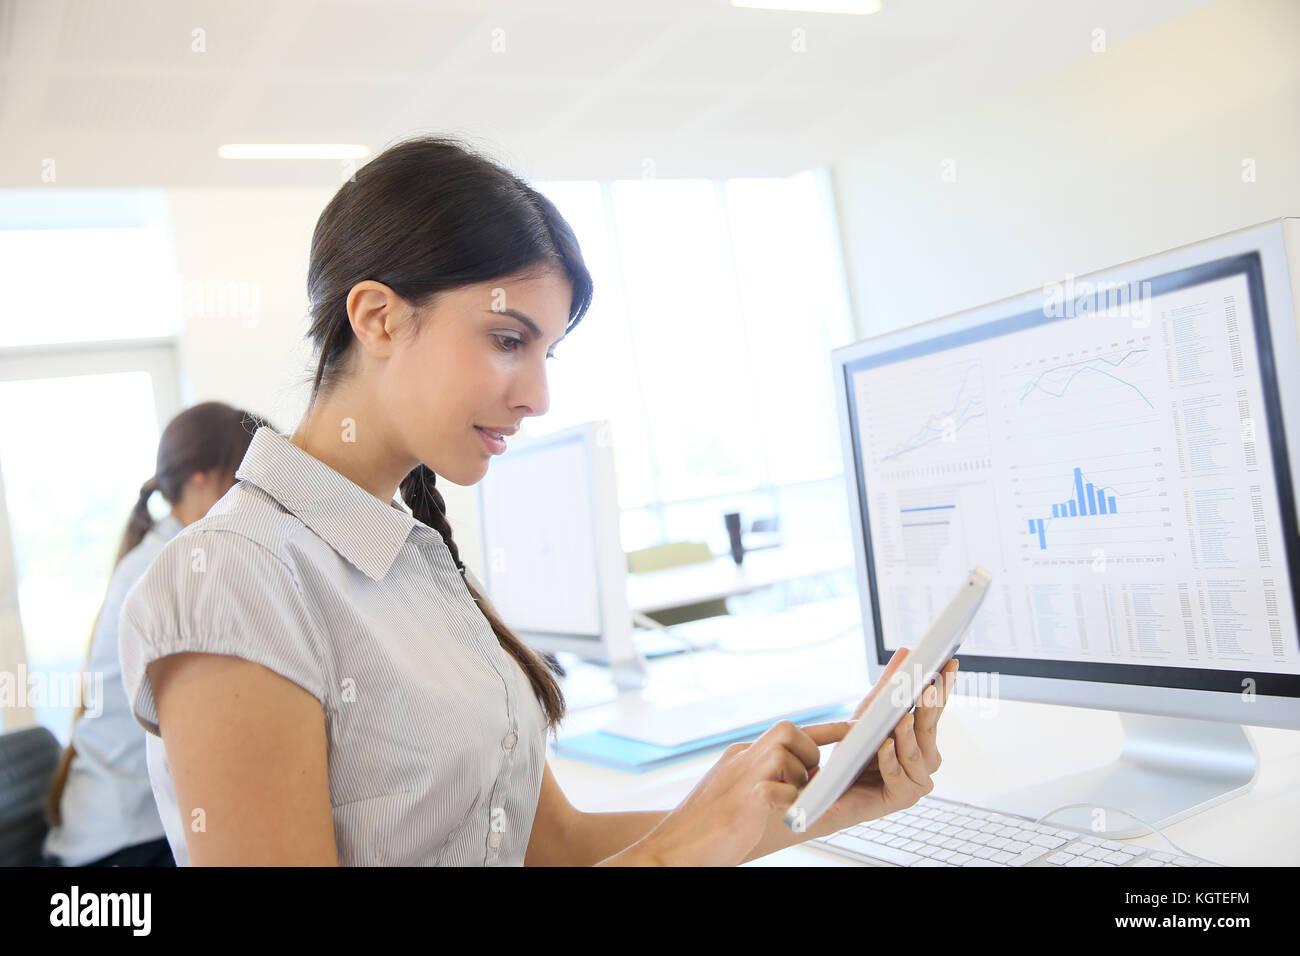 Young Business Mädchen arbeiten an digitalen Tablette im Büro Stockbild